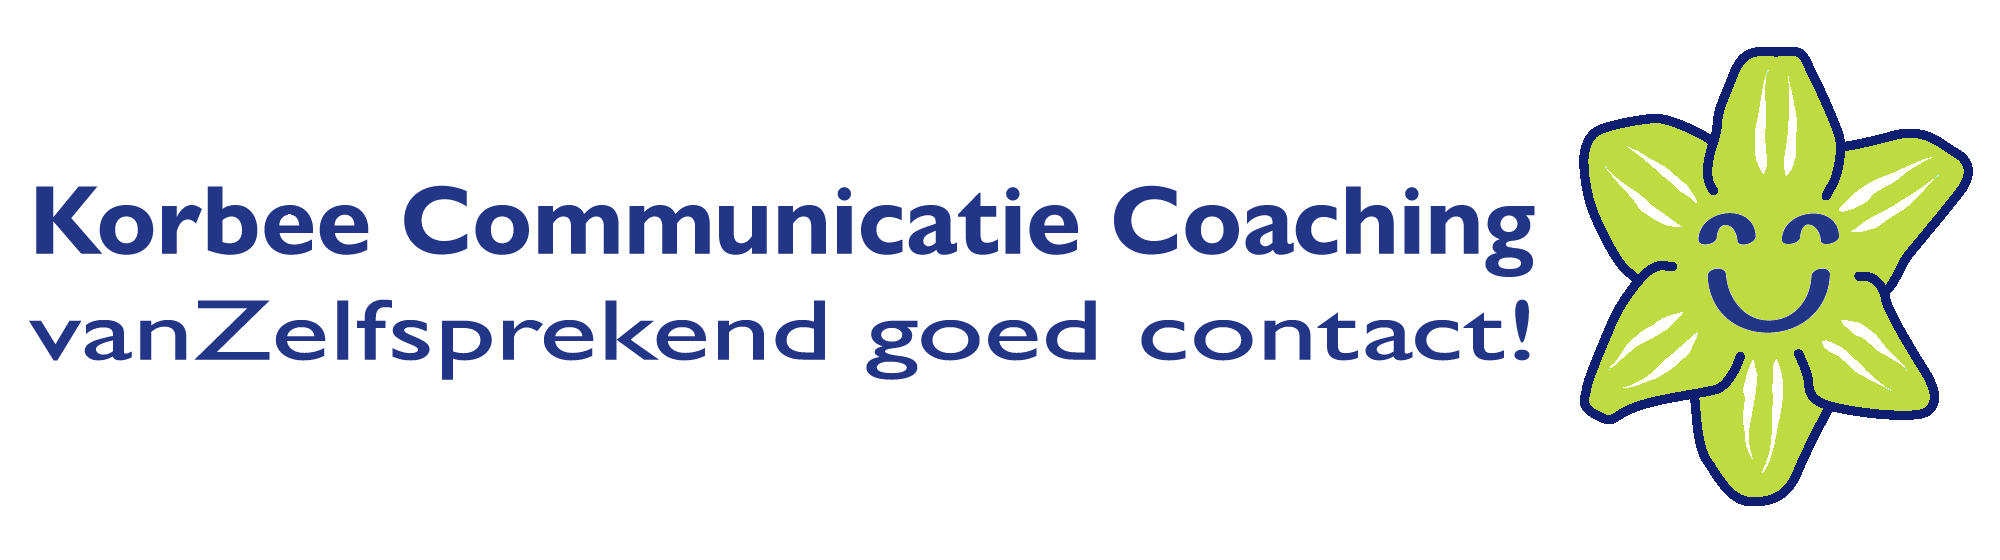 Korbee Communicatie Coaching, vanZelfsprekend goed contact!